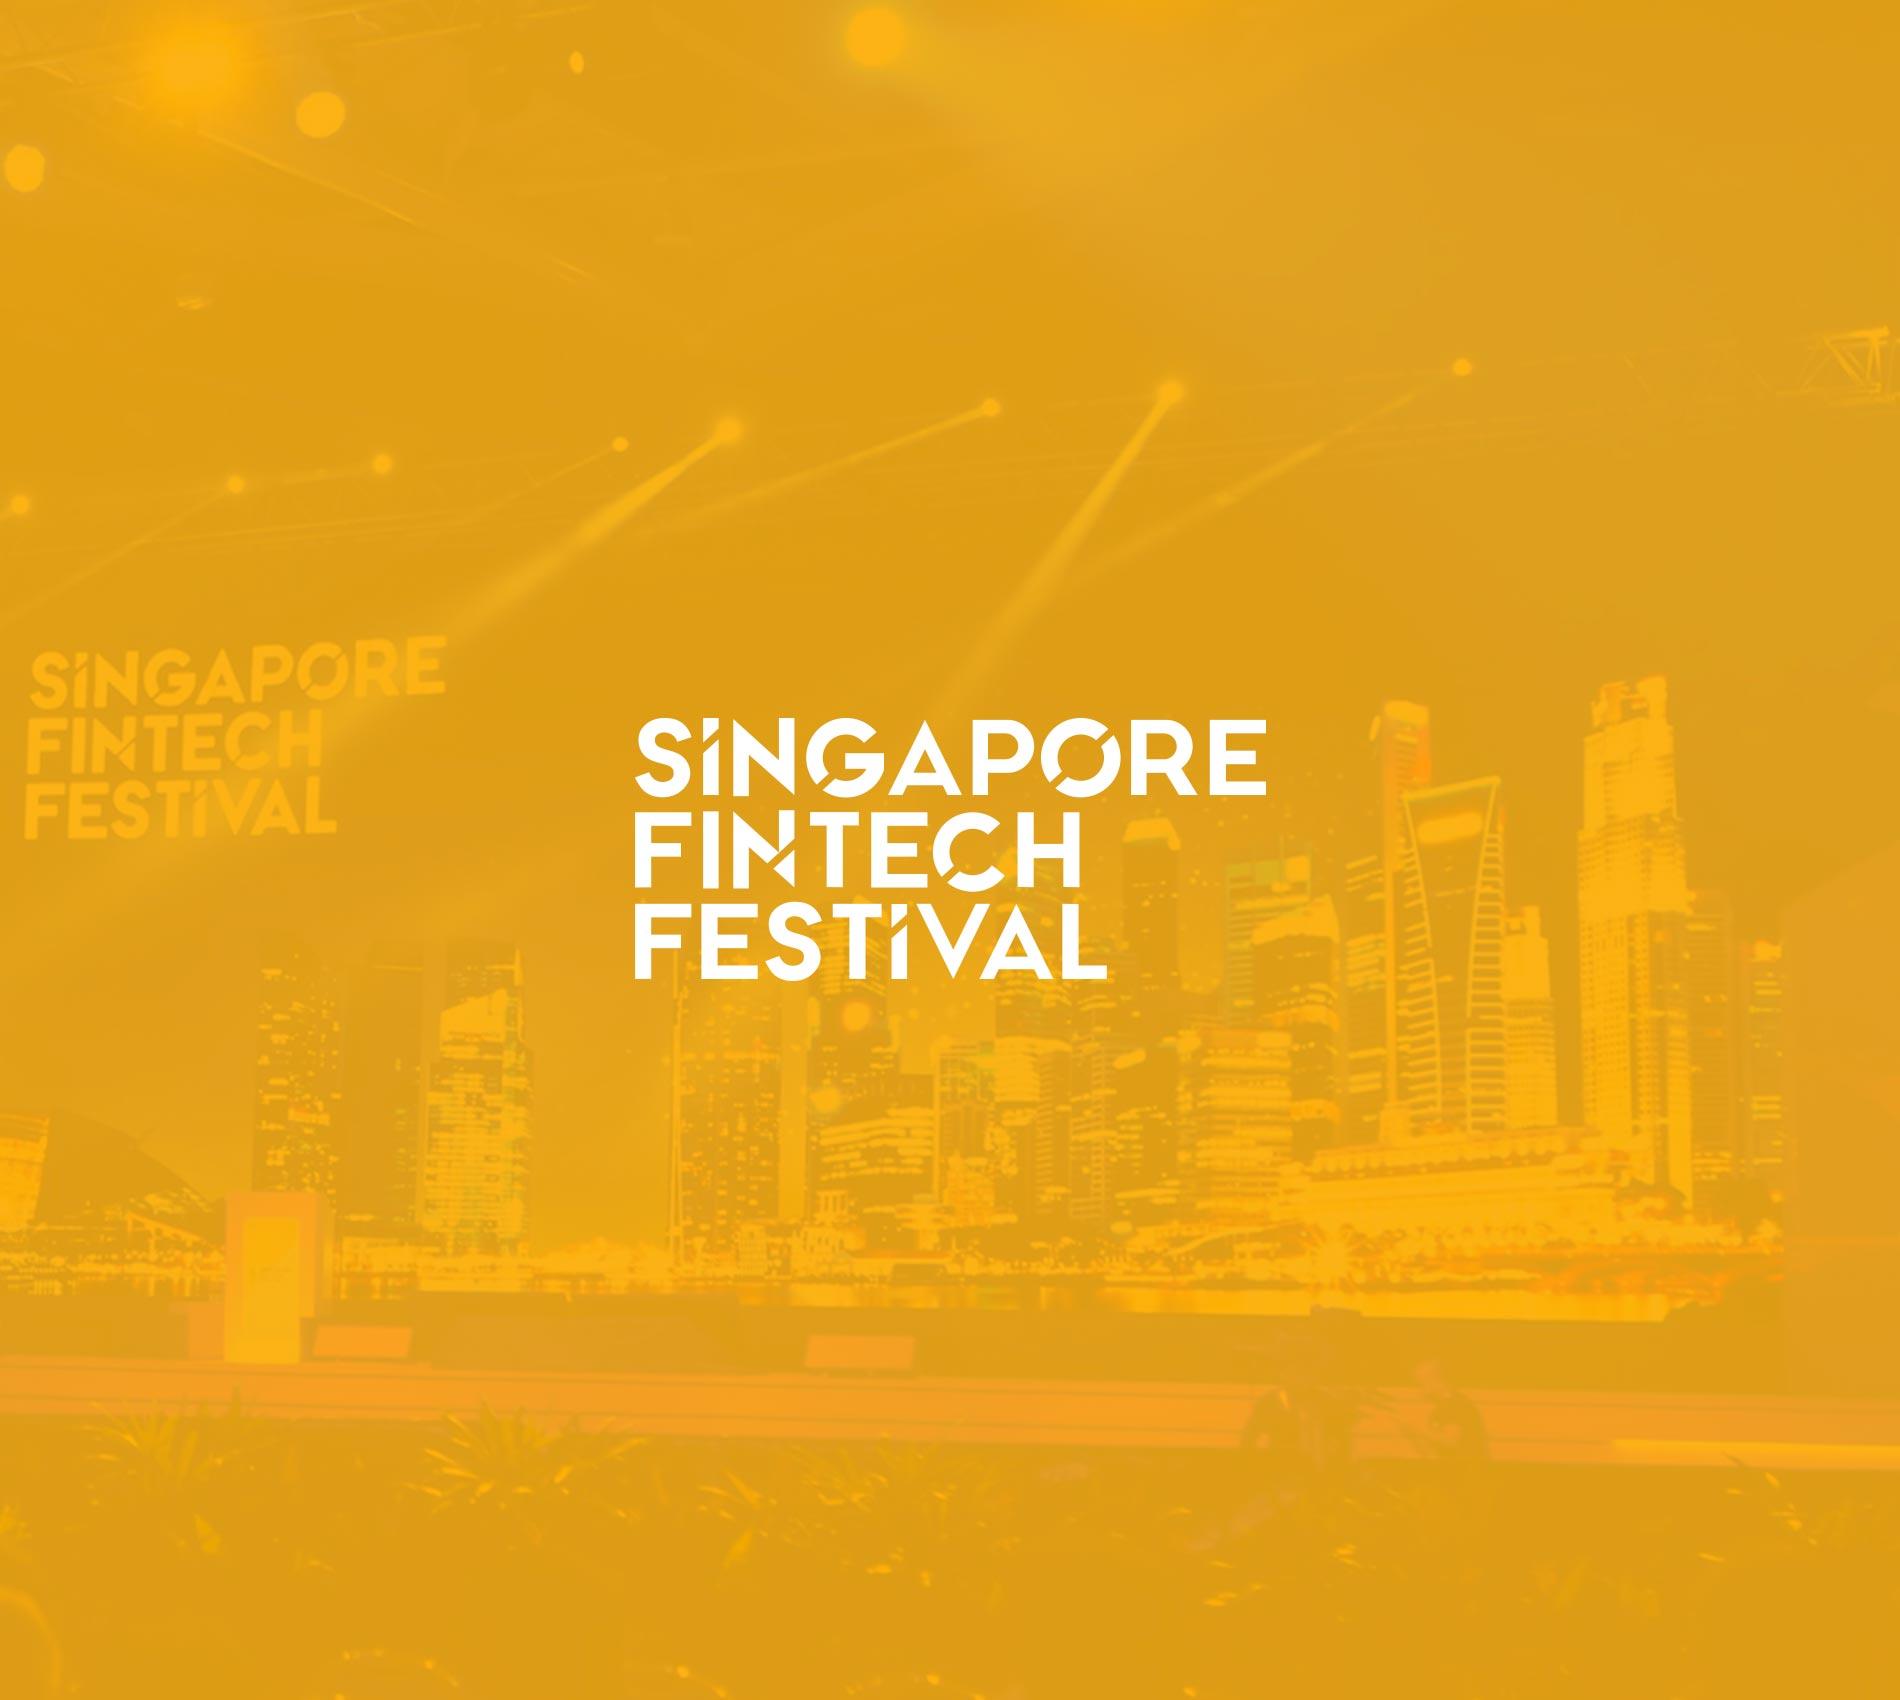 Singapore FinTech Festival 2019